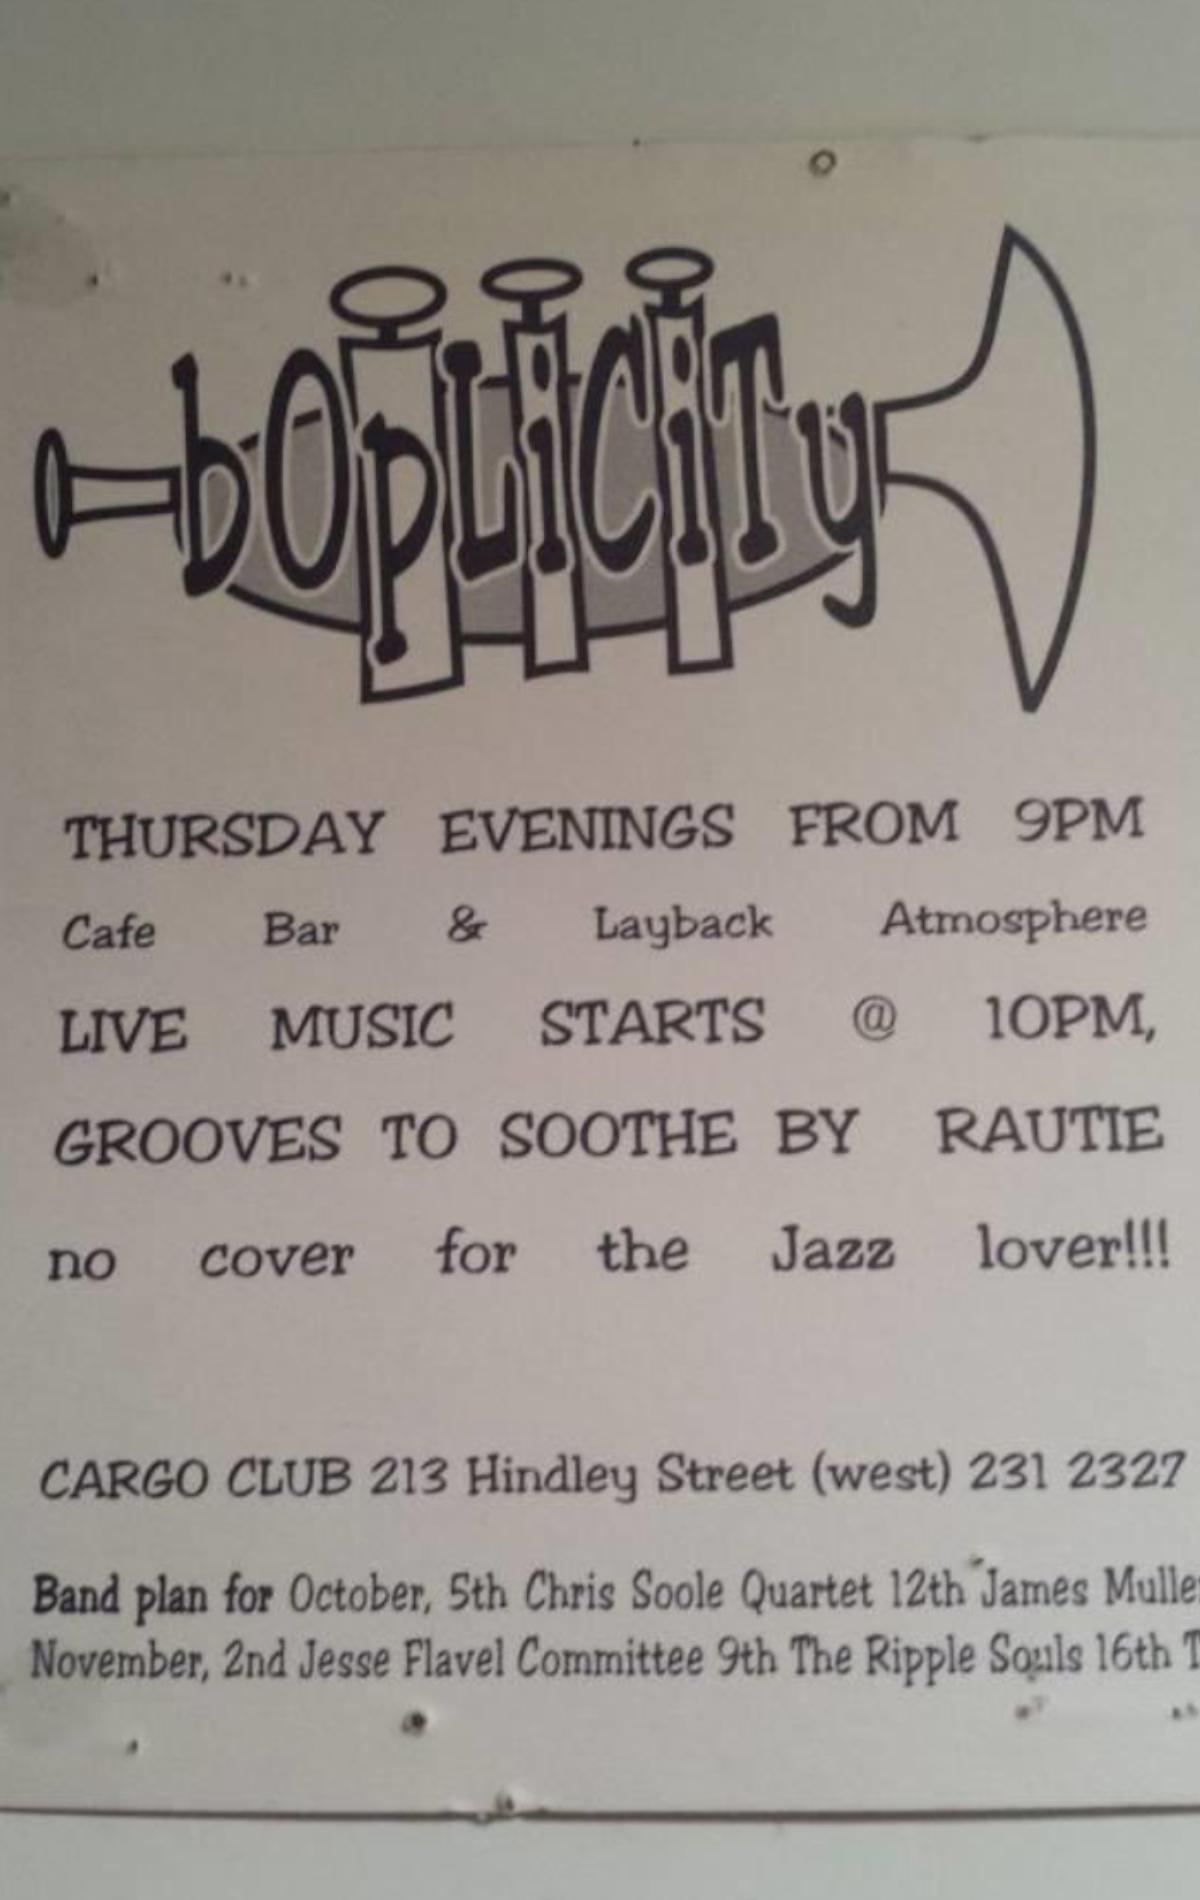 Cargo club jazz poster